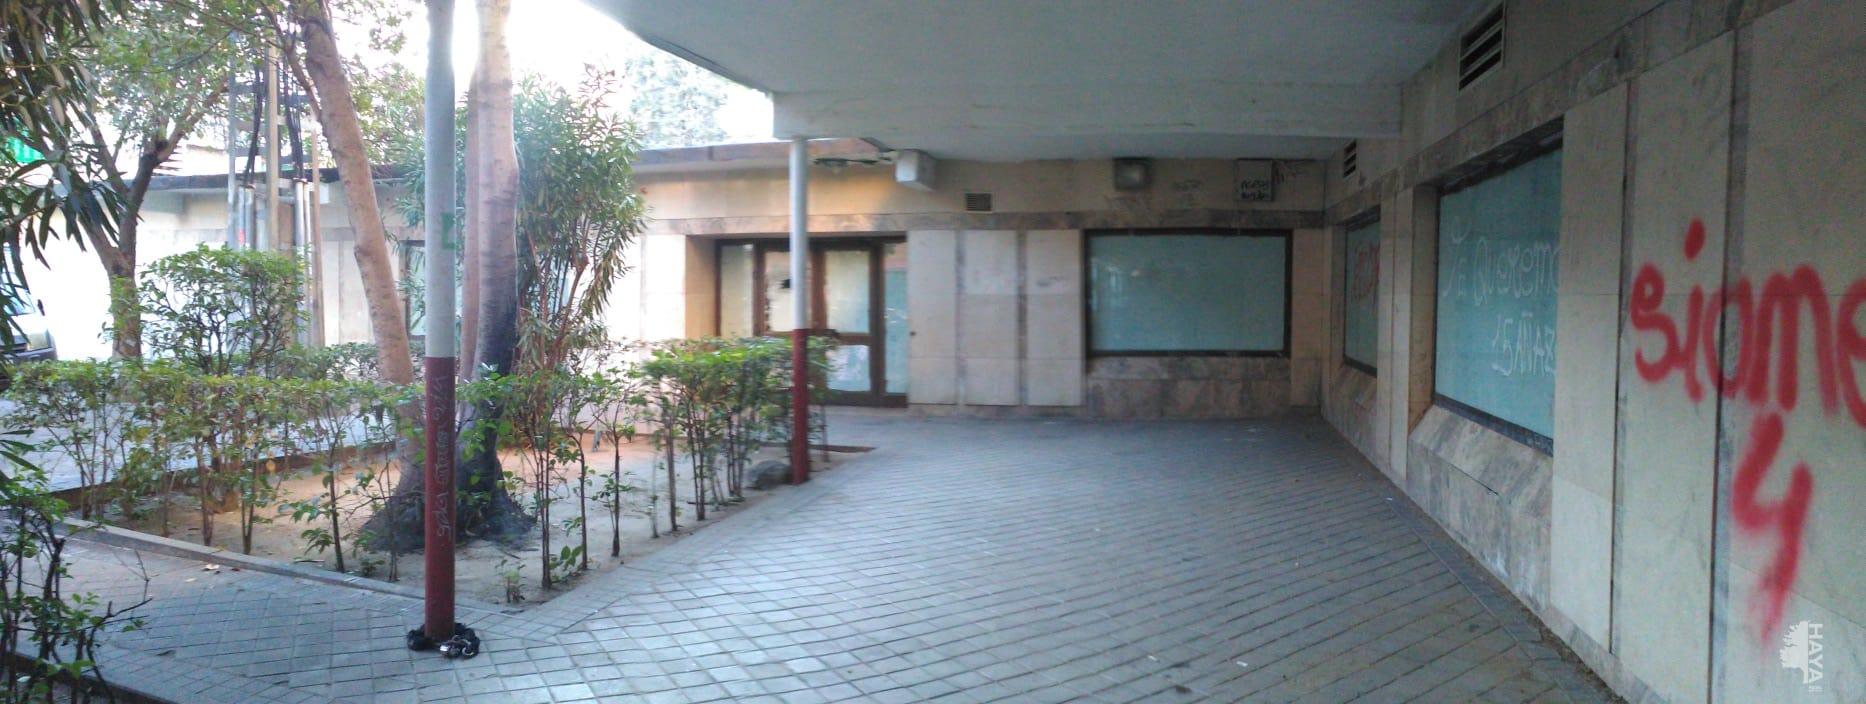 Oficina en venta en Madrid, Madrid, Calle Armenteros, 307.624 €, 74 m2